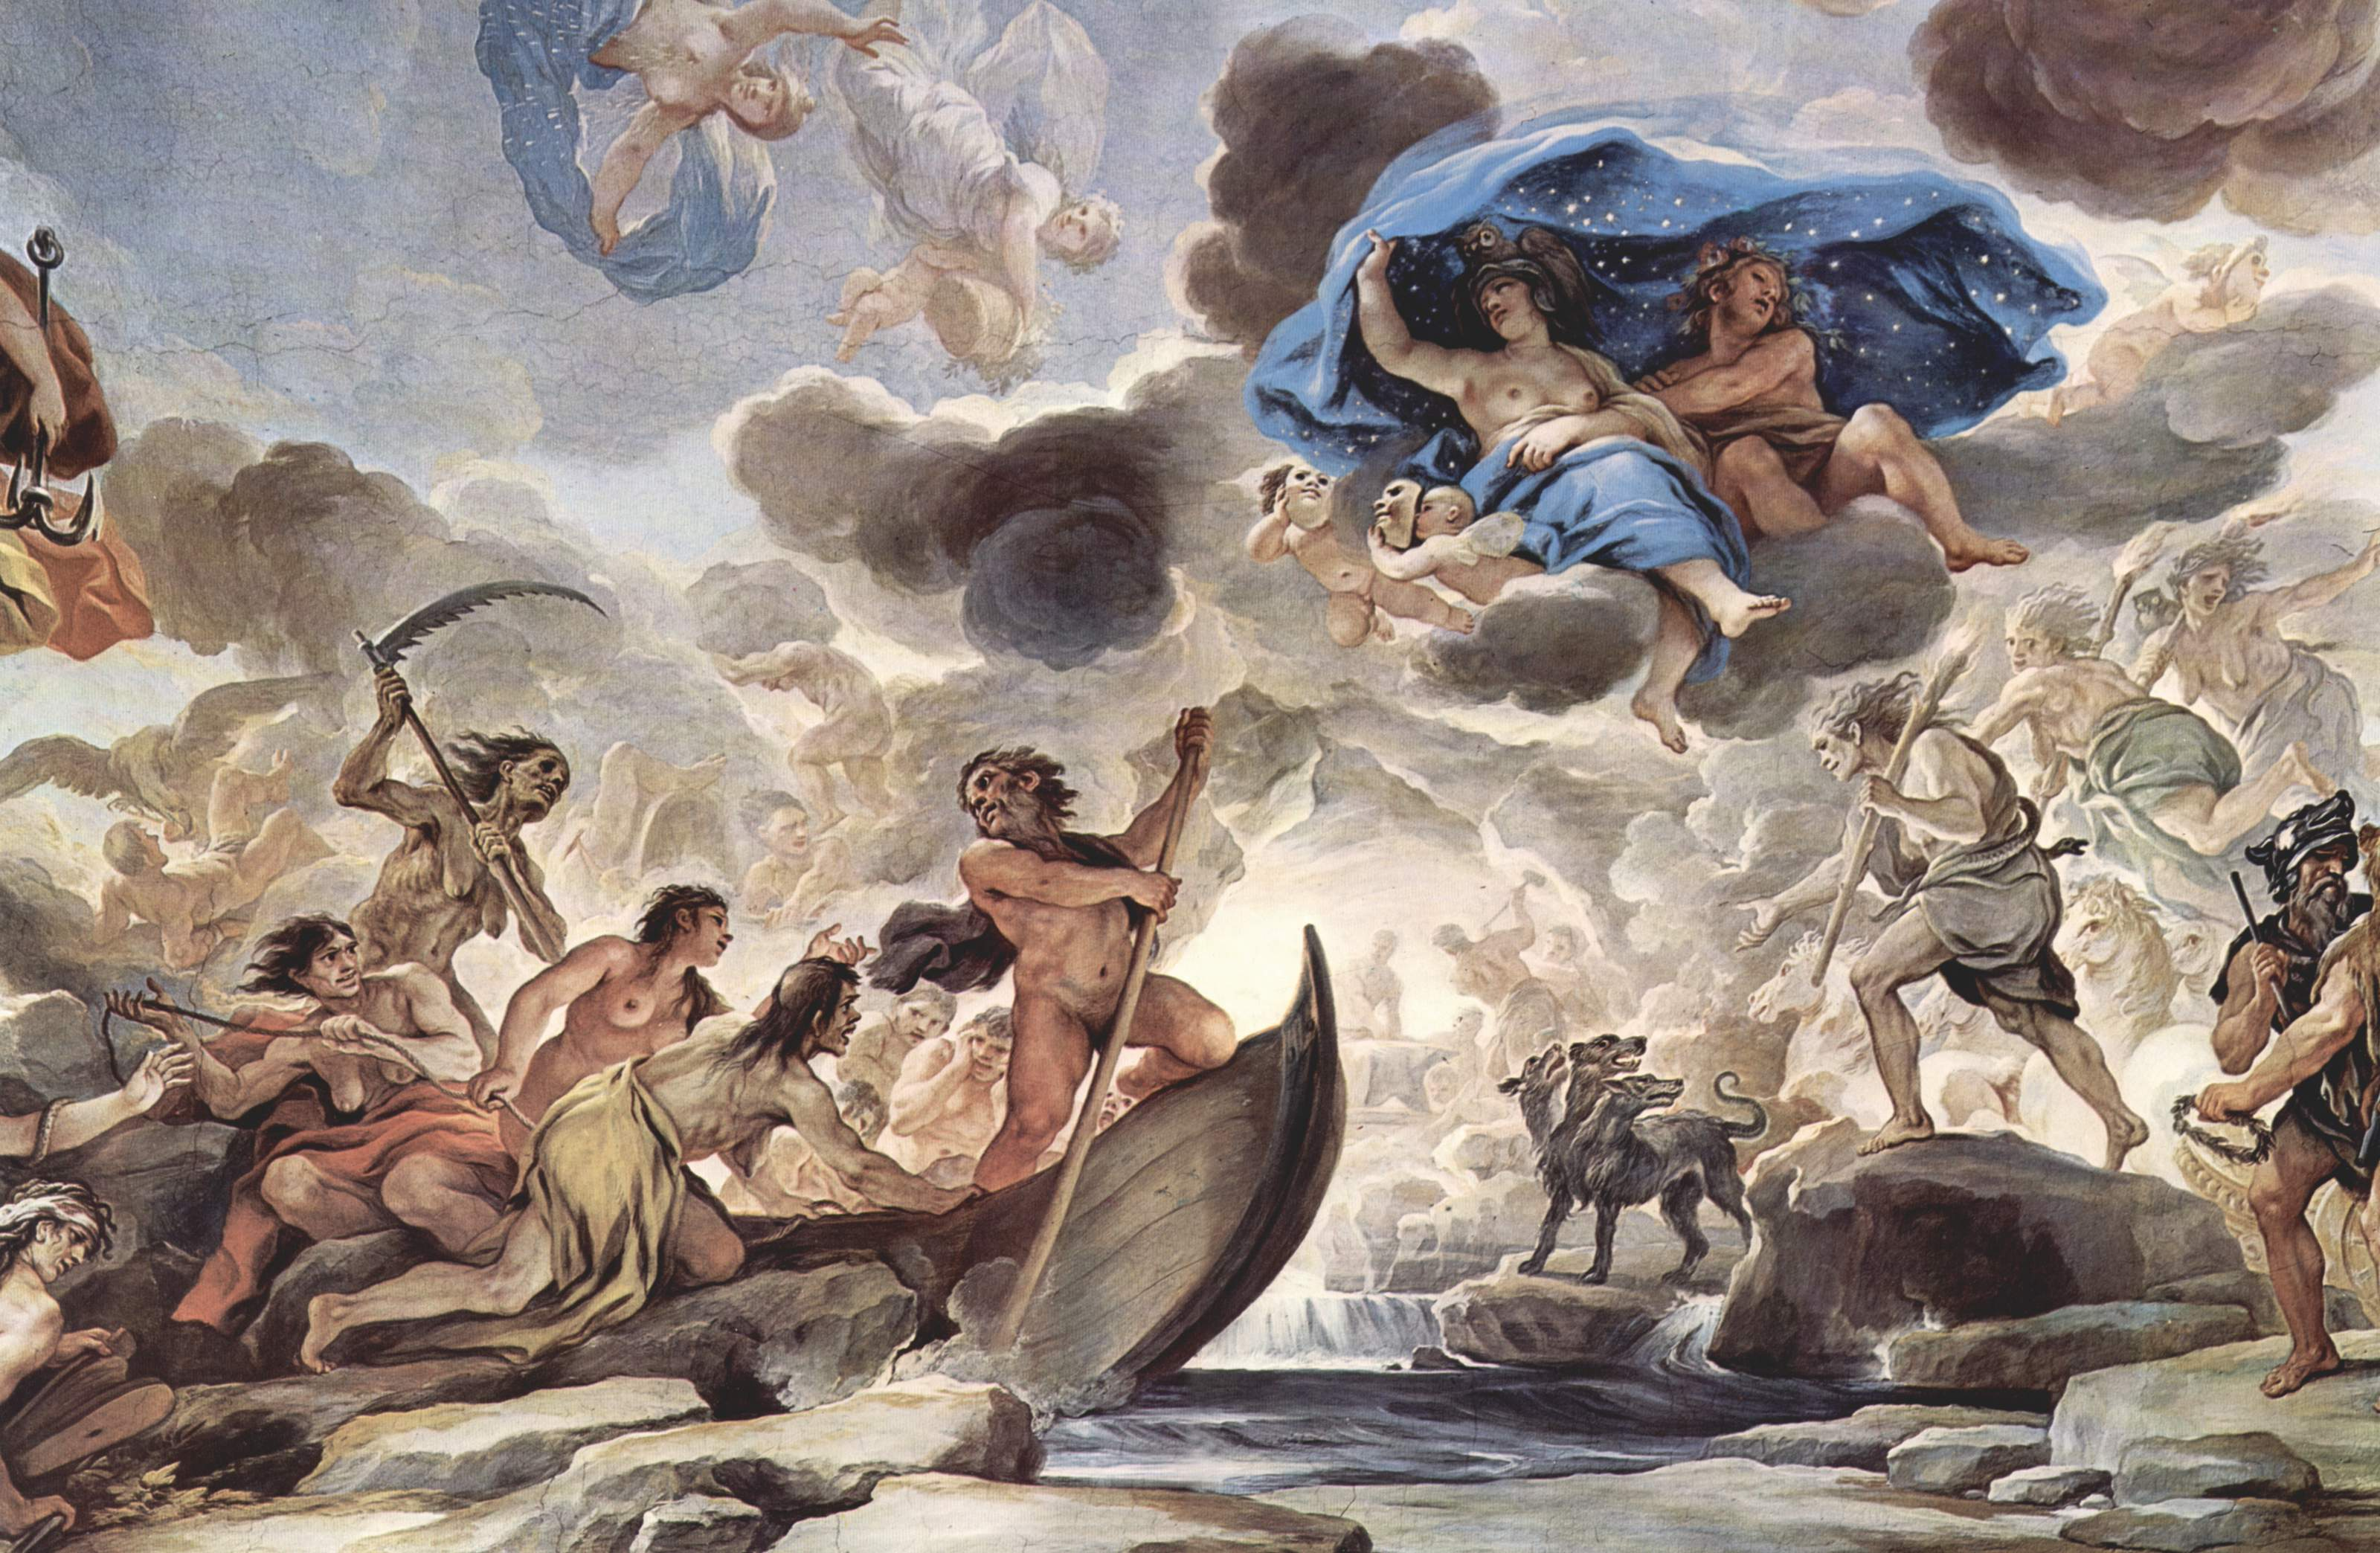 römische mythologie unterwelt